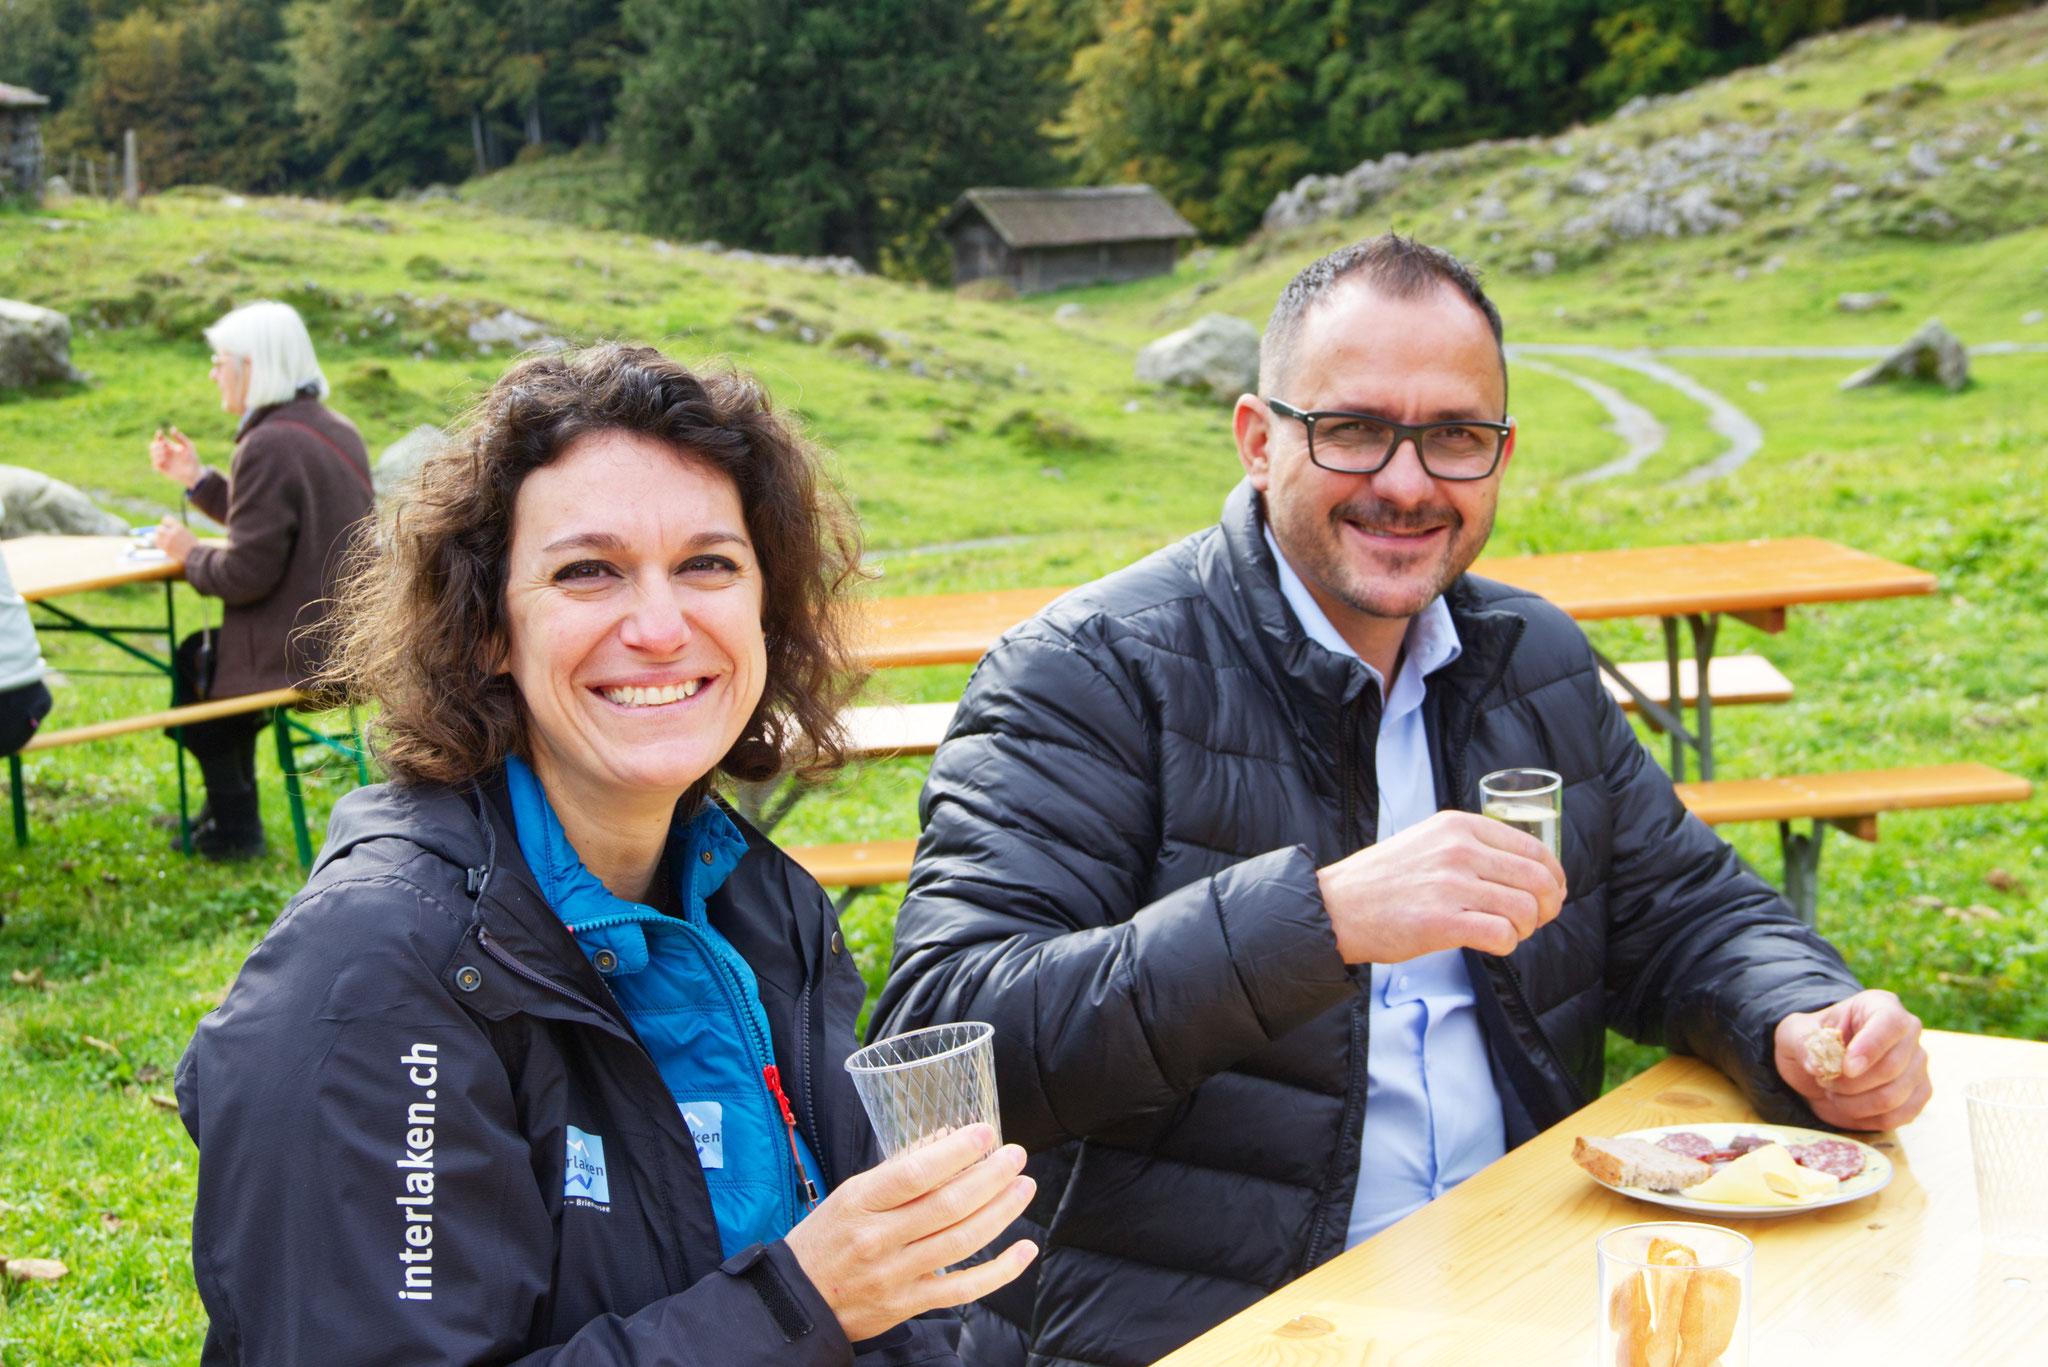 Antonietta Grosjean und Markus Bolliger von Interlaken Tourismus genossen die schöne Landschaft.